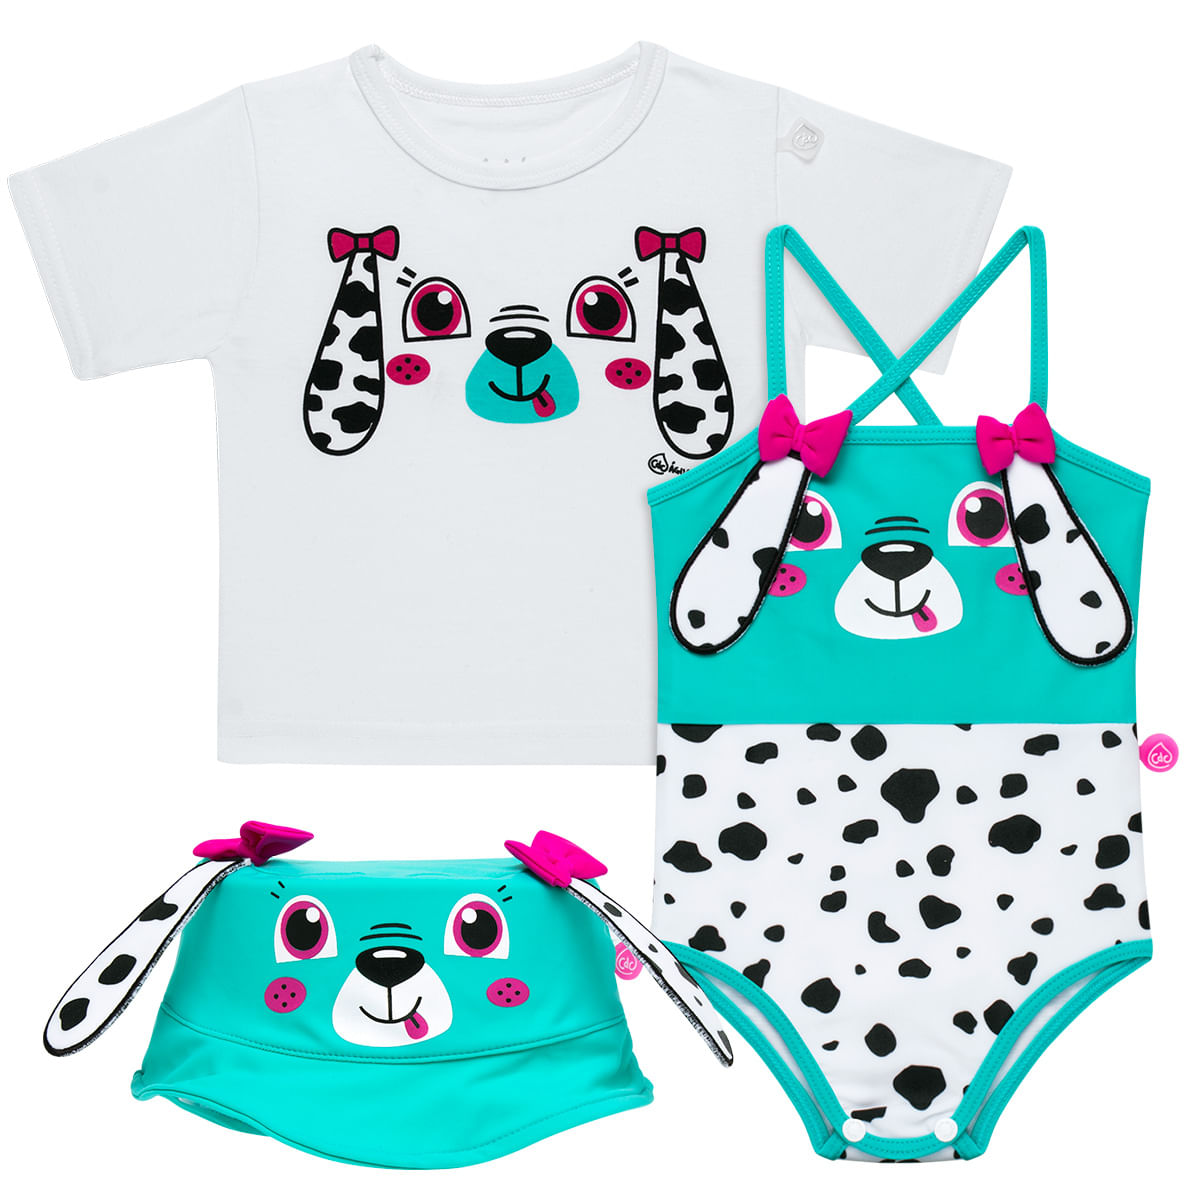 59ee82be1d44e Conjunto de Banho para bebe Dalmatians  Camiseta + Maiô + Chapéu ...